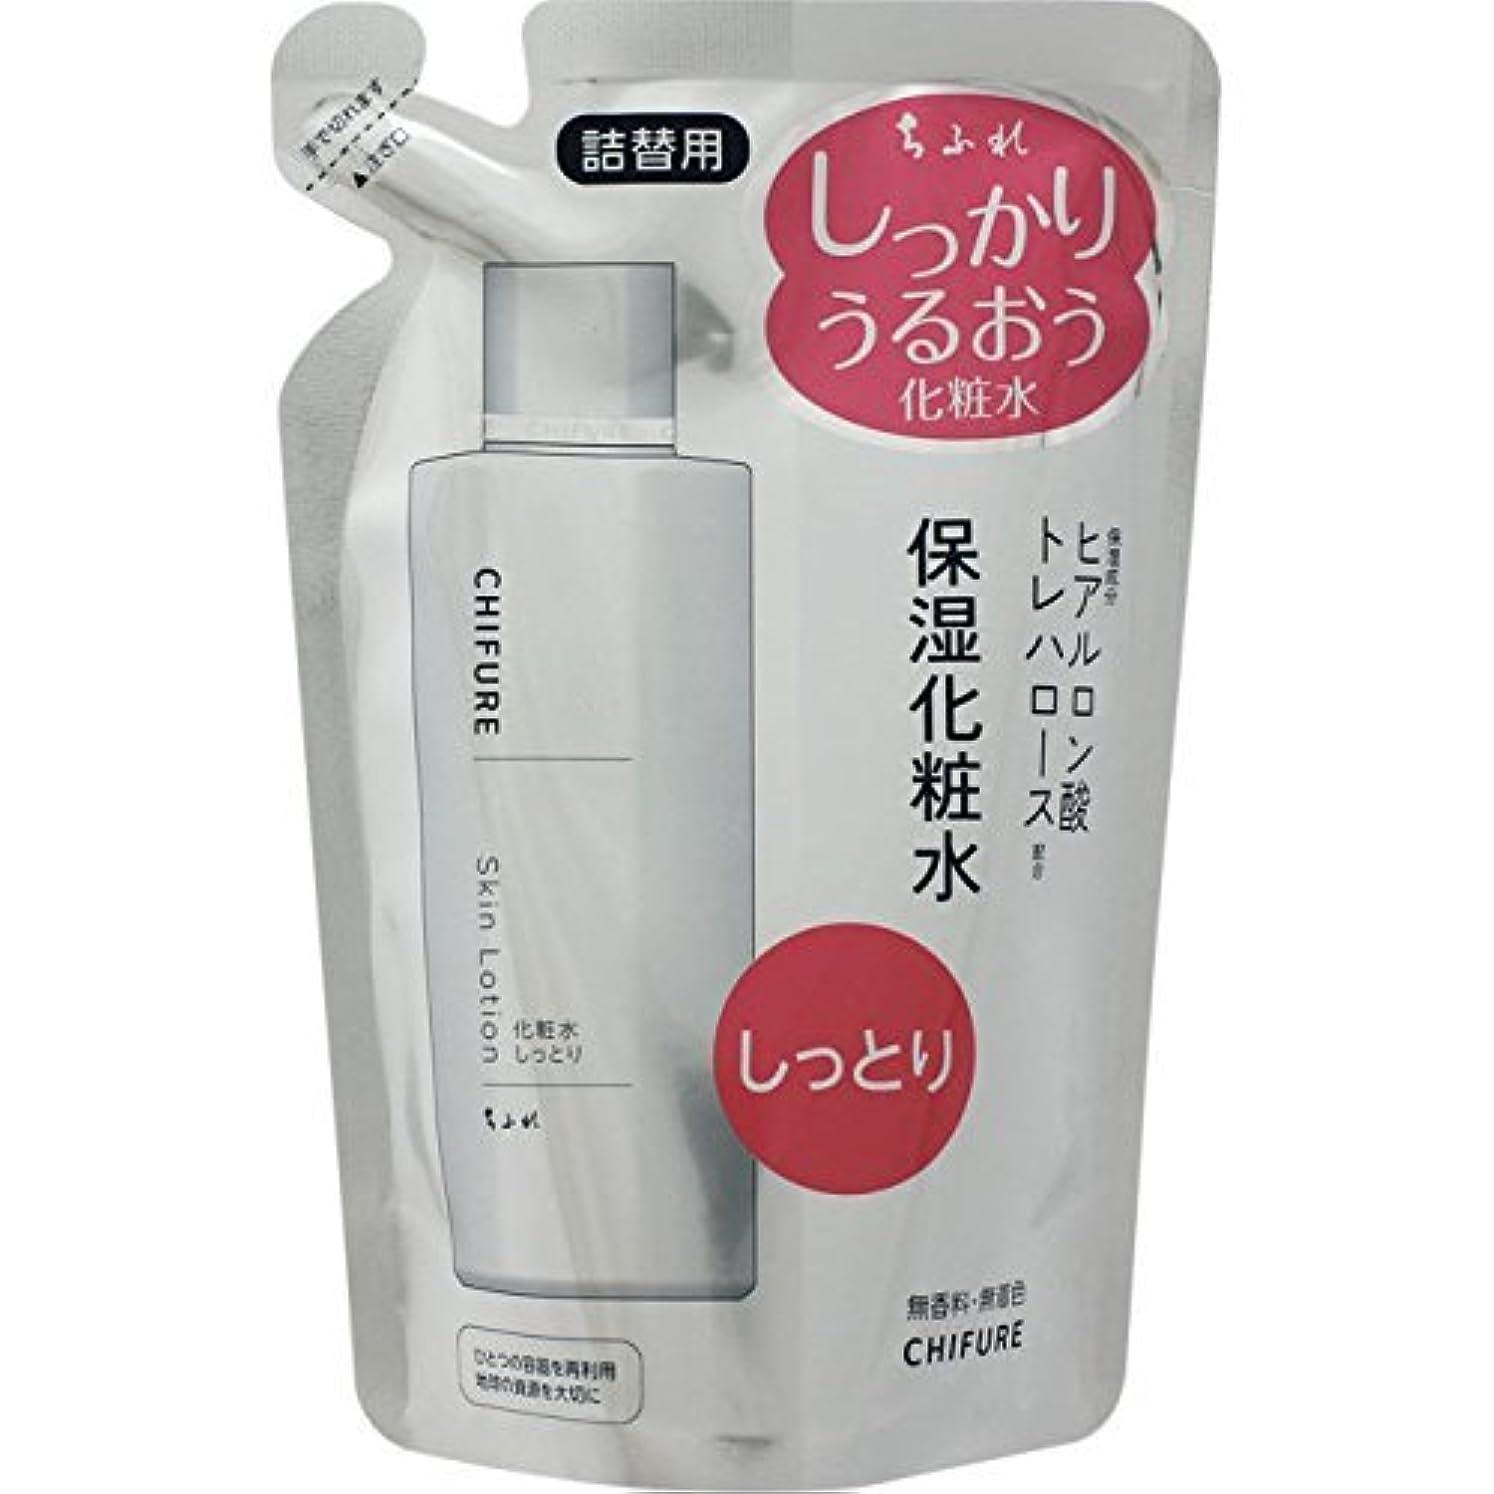 ぼかし資本経済的ちふれ化粧品 化粧水 しっとりタイプ N 詰替え用 150ml 150ML